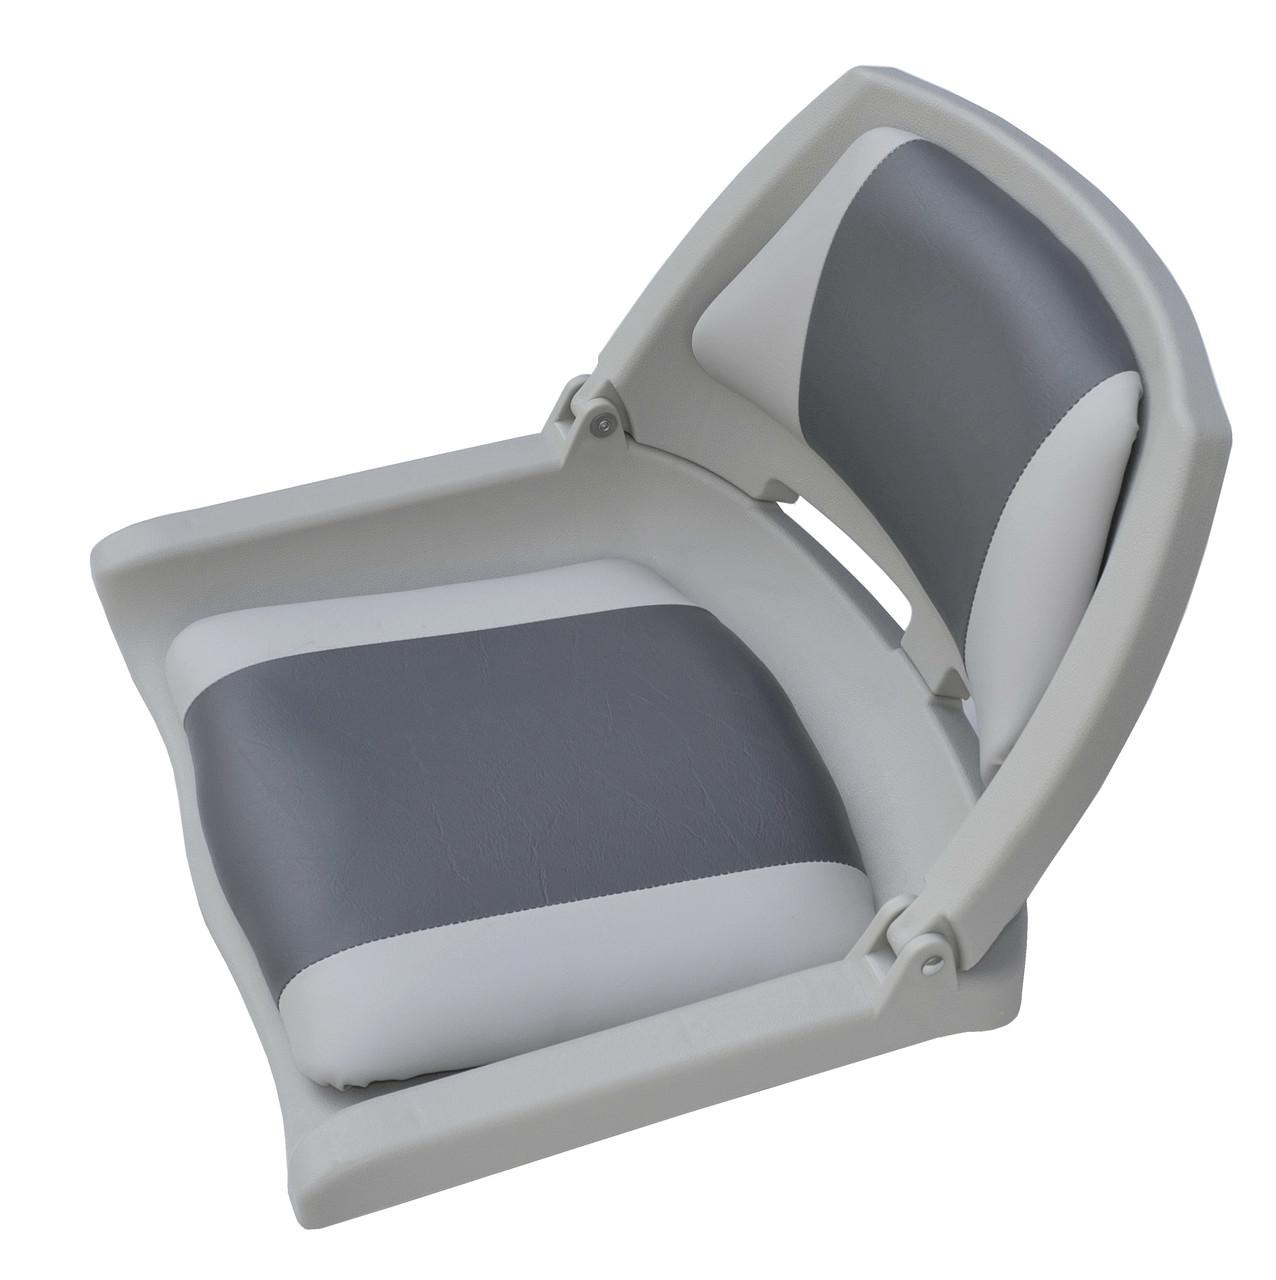 Сиденье для лодки пластиковое складное 75109GC